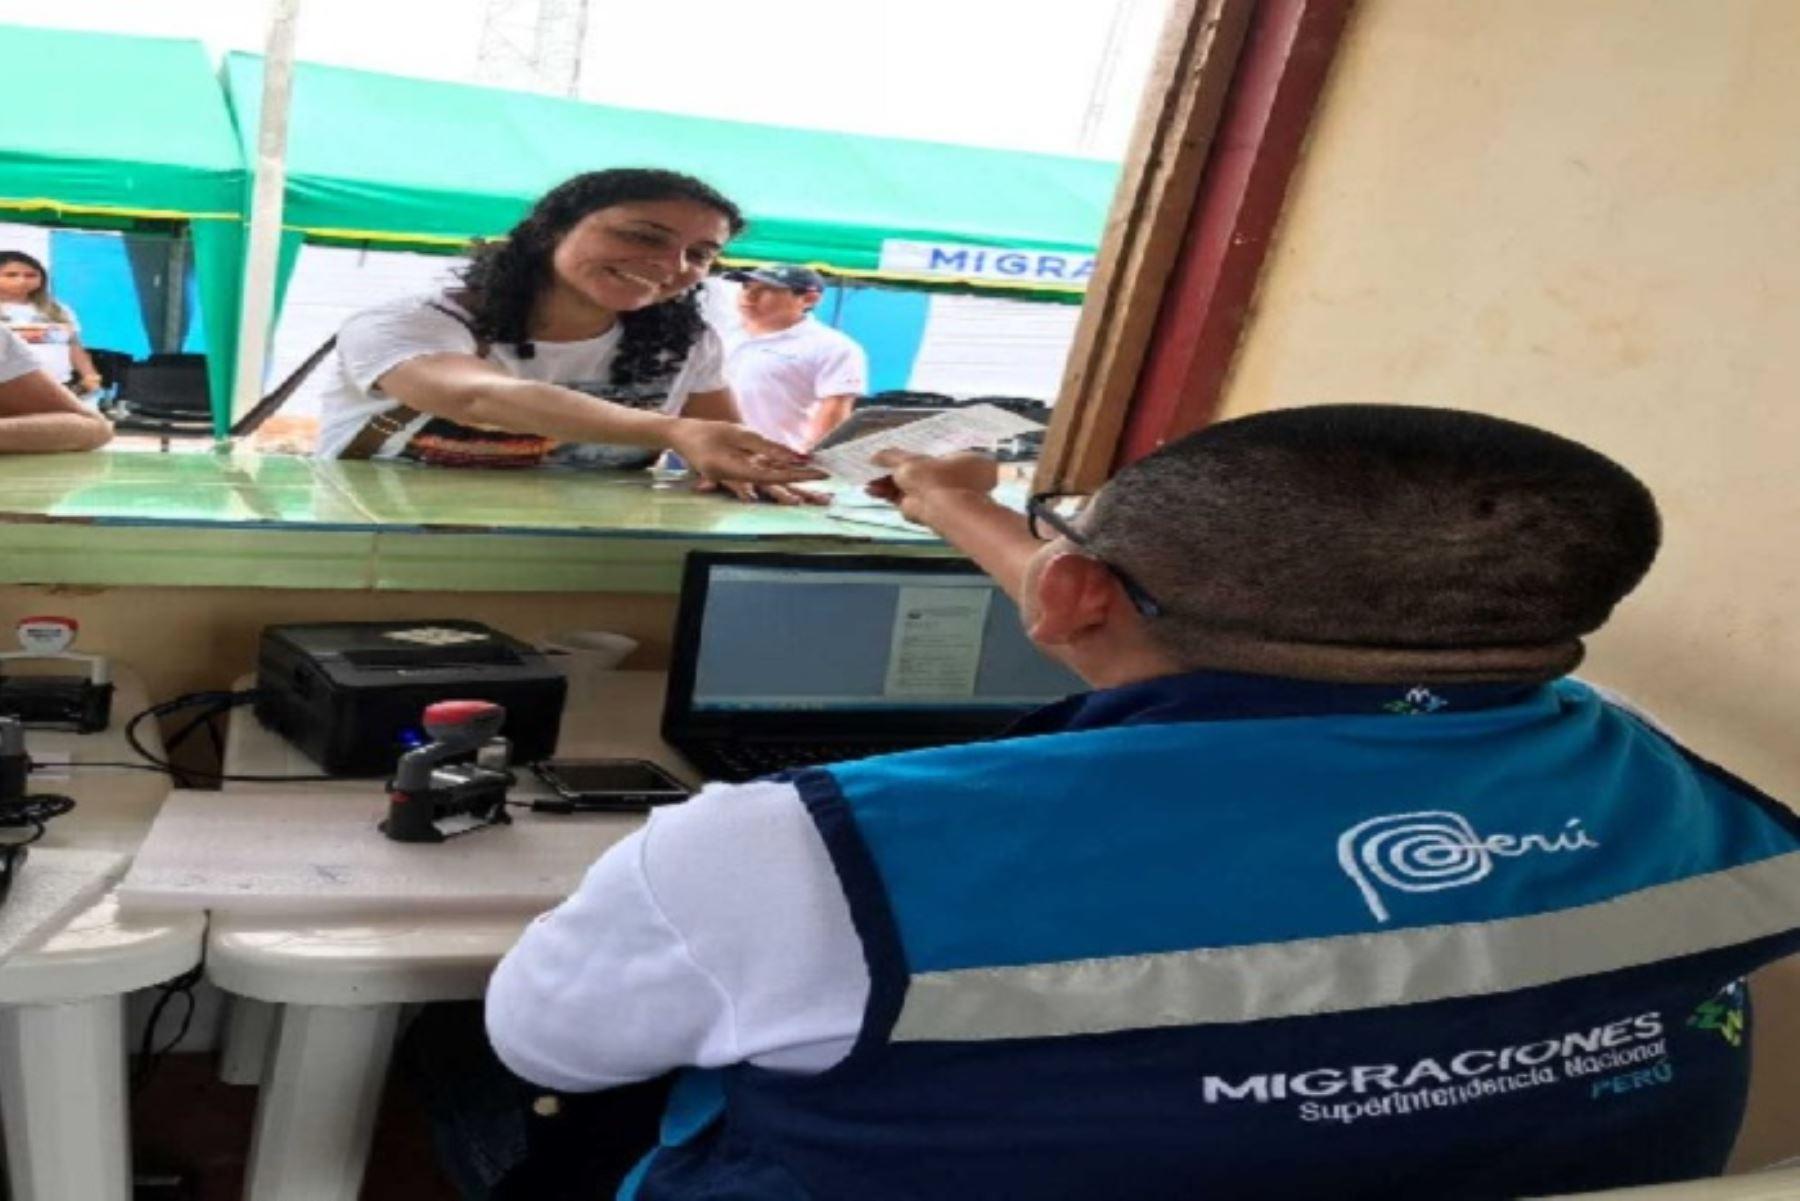 El nuevo Puesto de Control Fronterizo en Madre de Dios, a cargo de la Jefatura Zonal de Puerto Maldonado, se ubica en el centro poblado de Shiringayoc, en la provincia de Tahuamanu, cerca a la zona fronteriza con el país altiplánico.